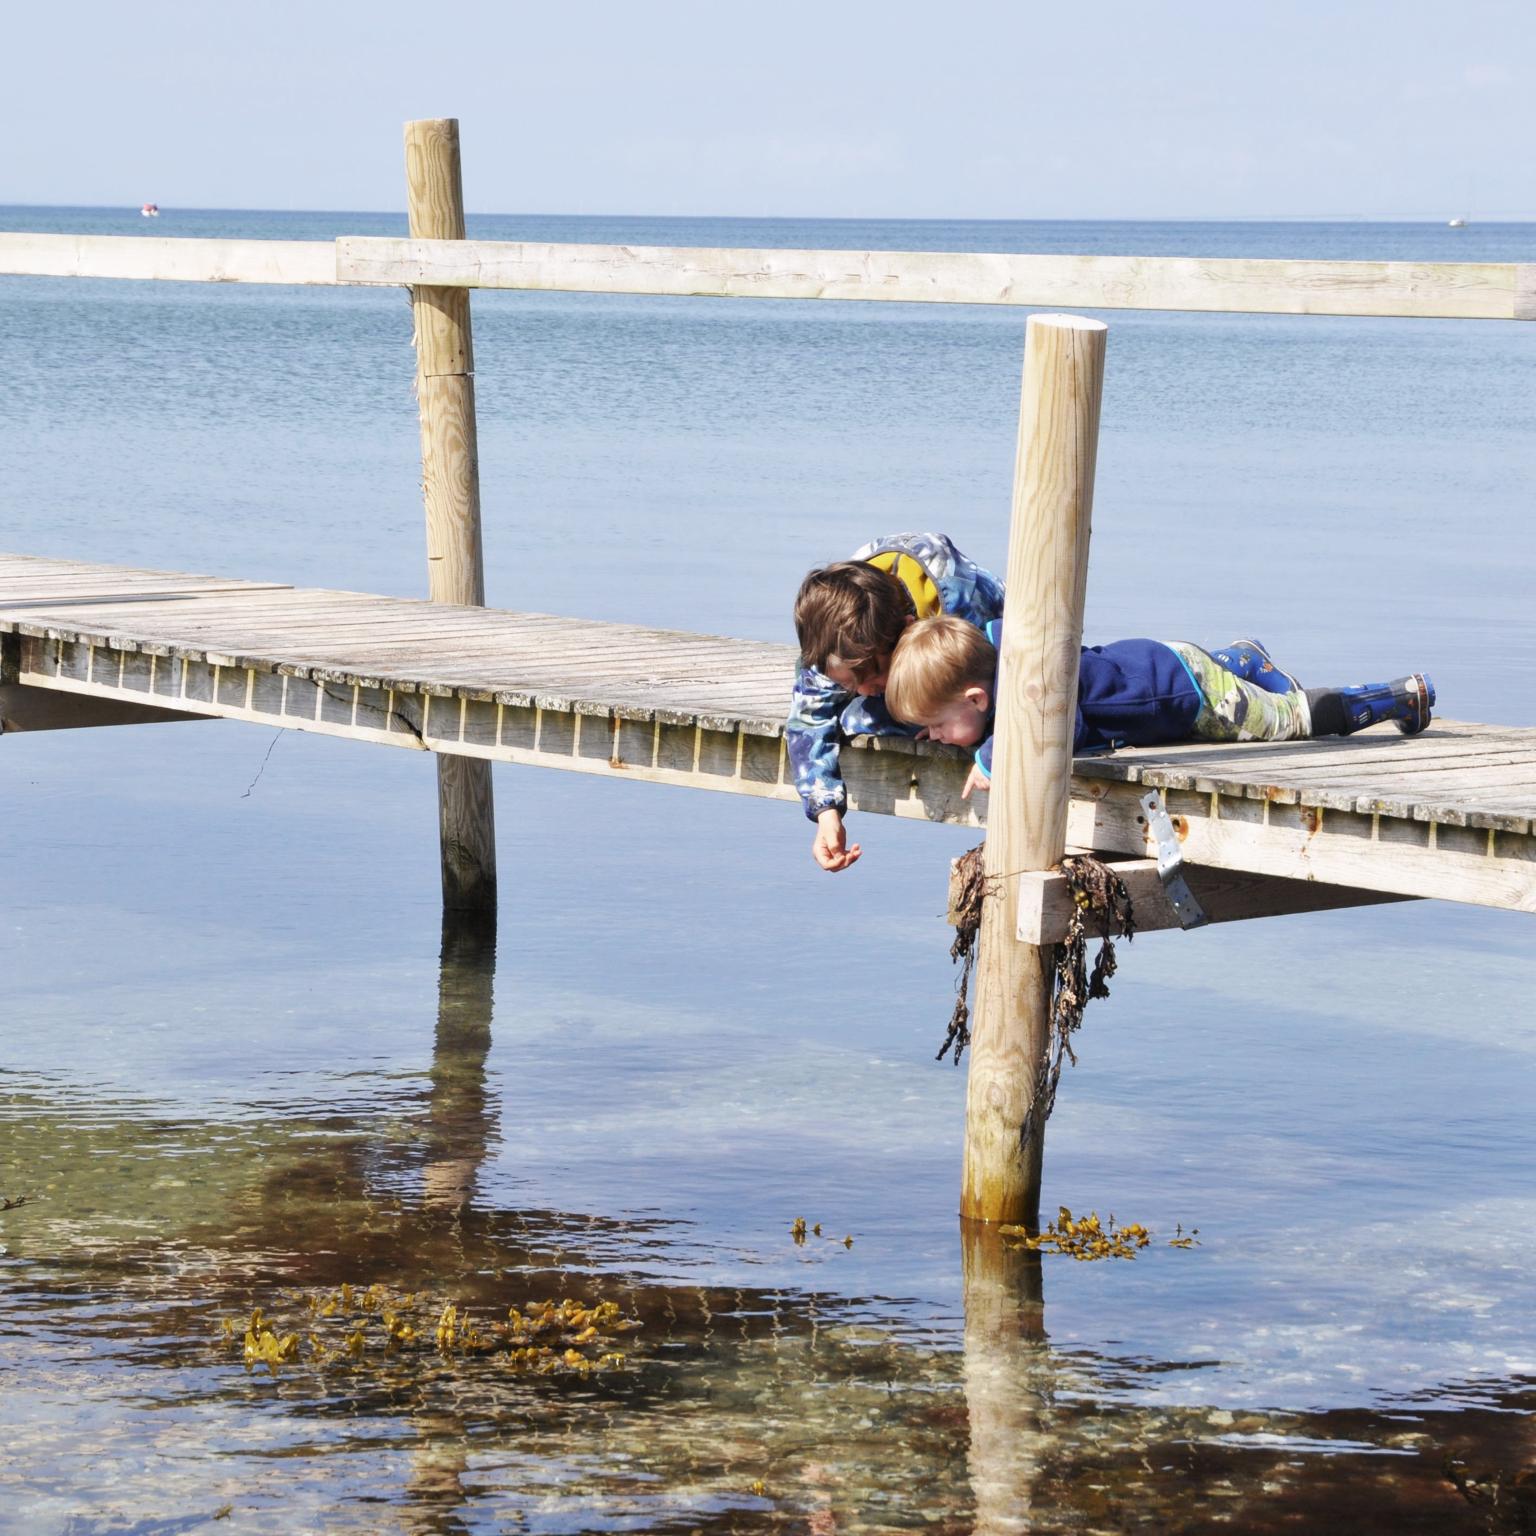 Vandretur_langeland_weekend_born_stilhed